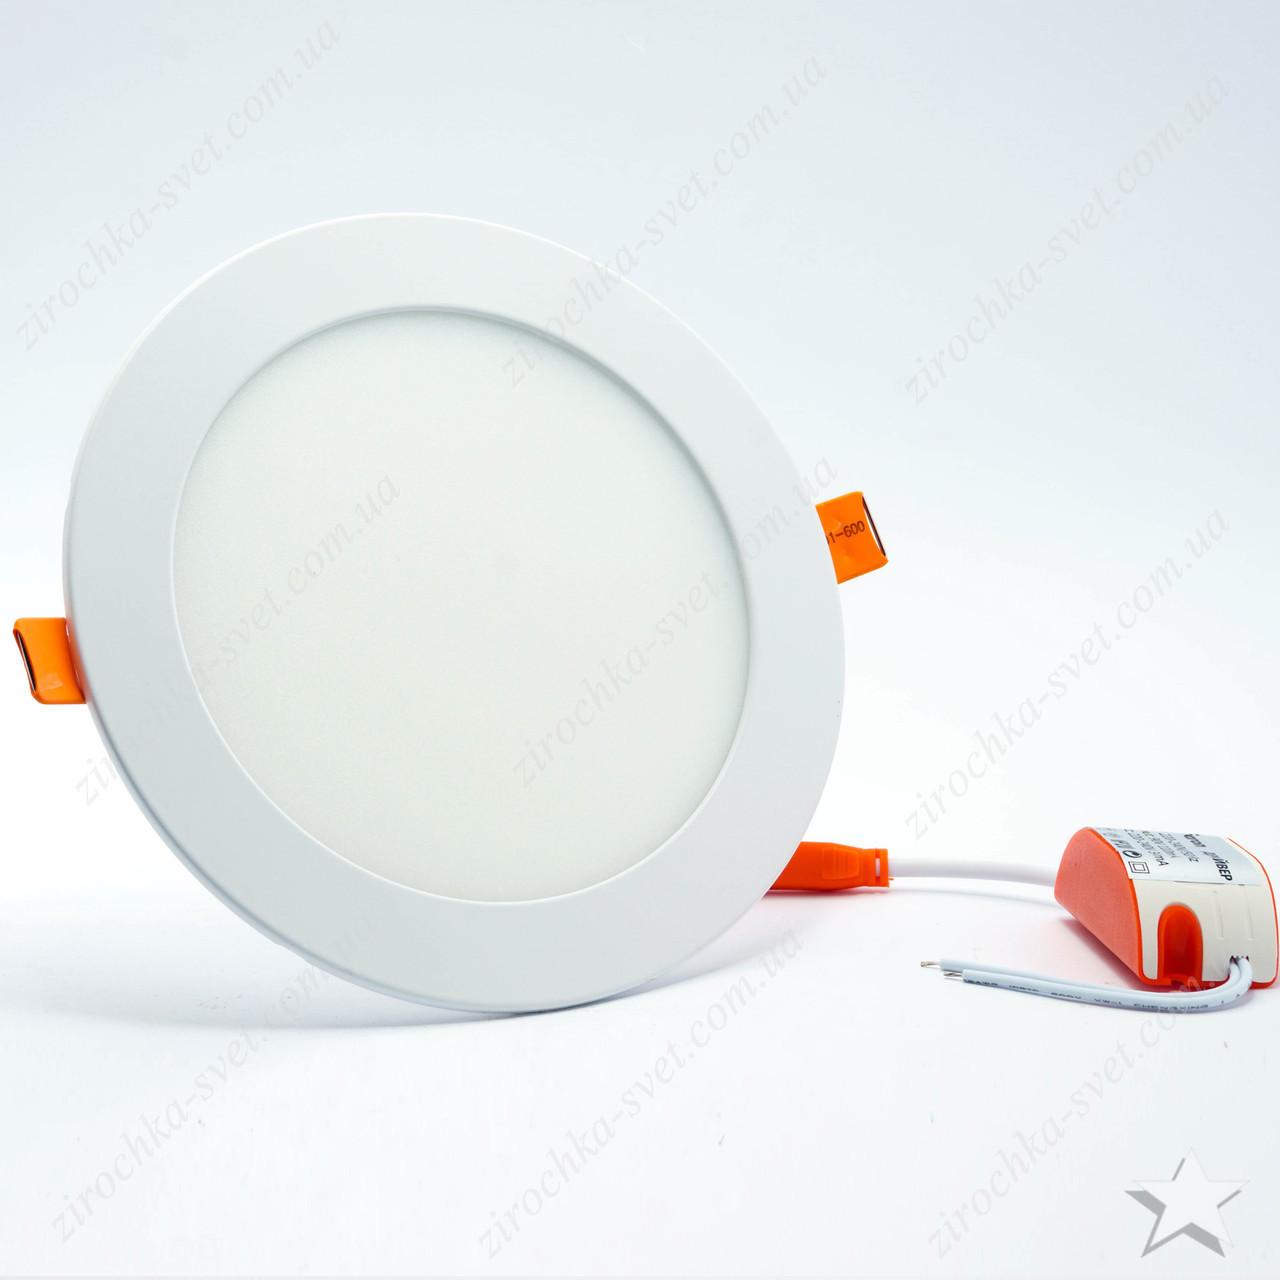 Светильник светодиодный встраиваемый 20w Feron AL510 OL 4000К (встр. диаметр = 210мм)